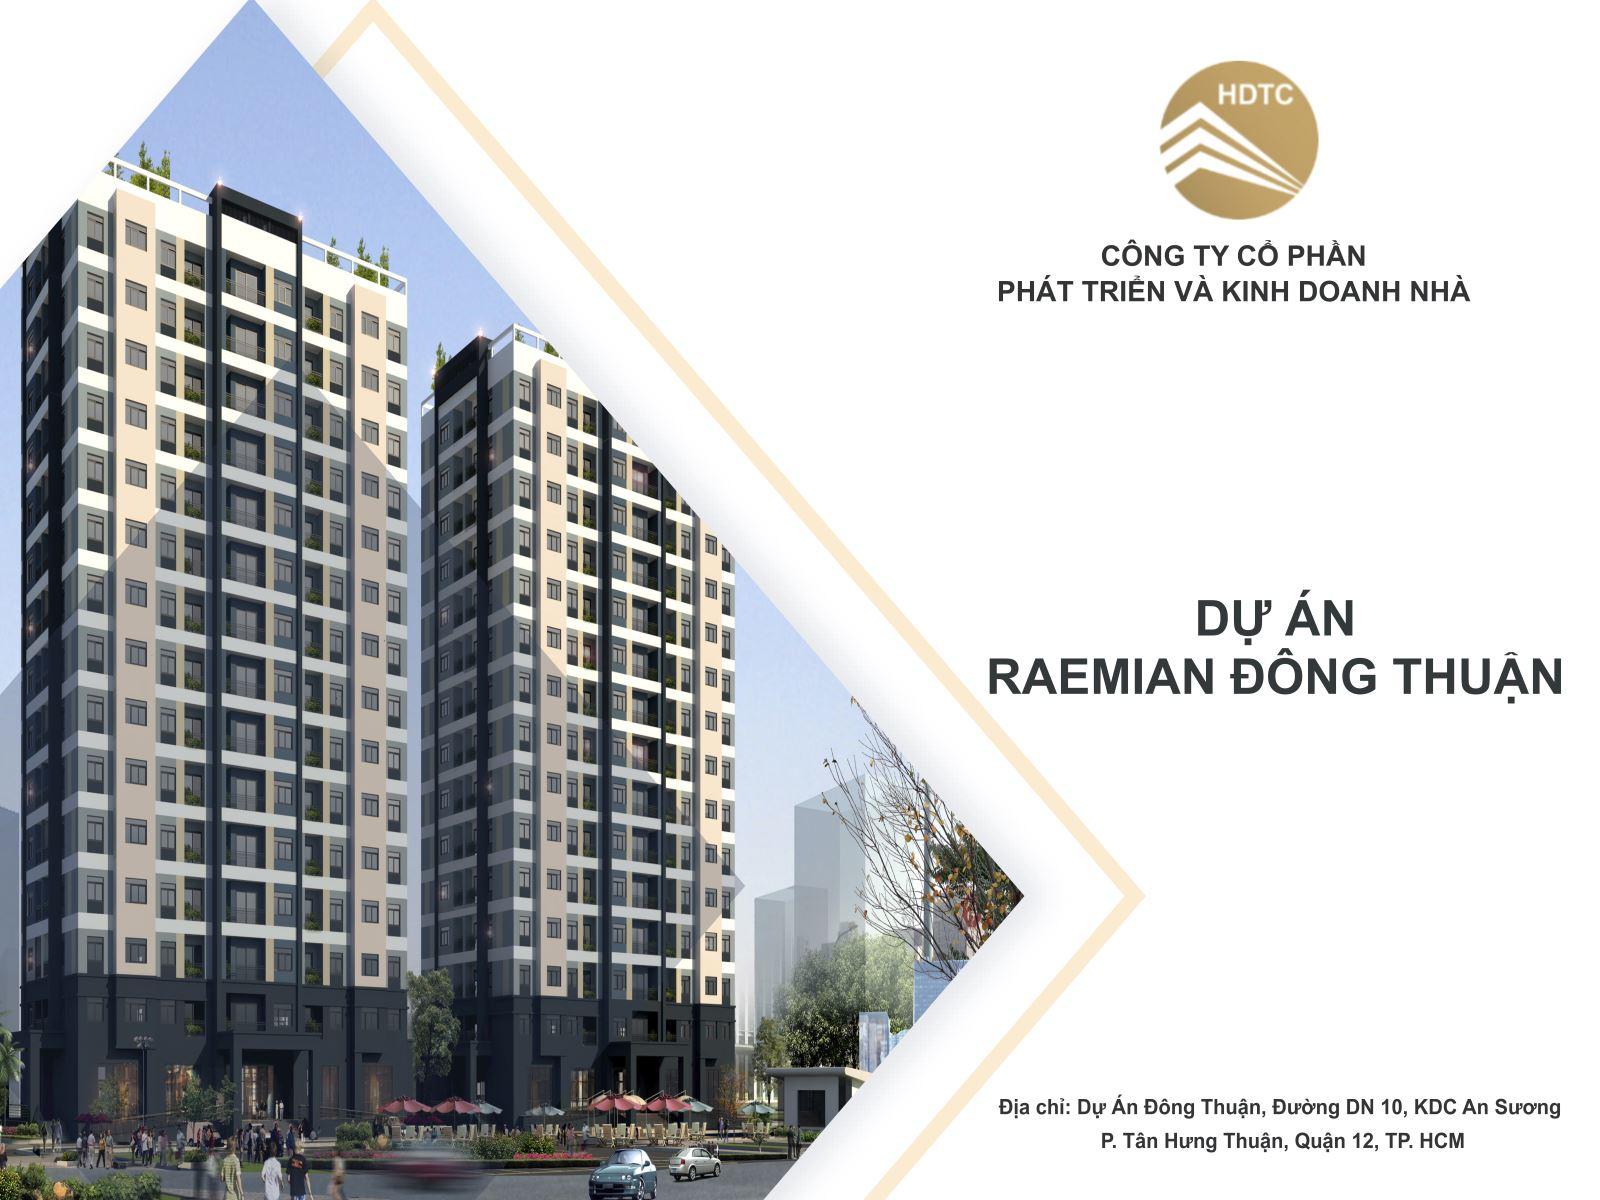 Chủ đầu tư dự án căn hộ Raemian Galaxy City Quận 2